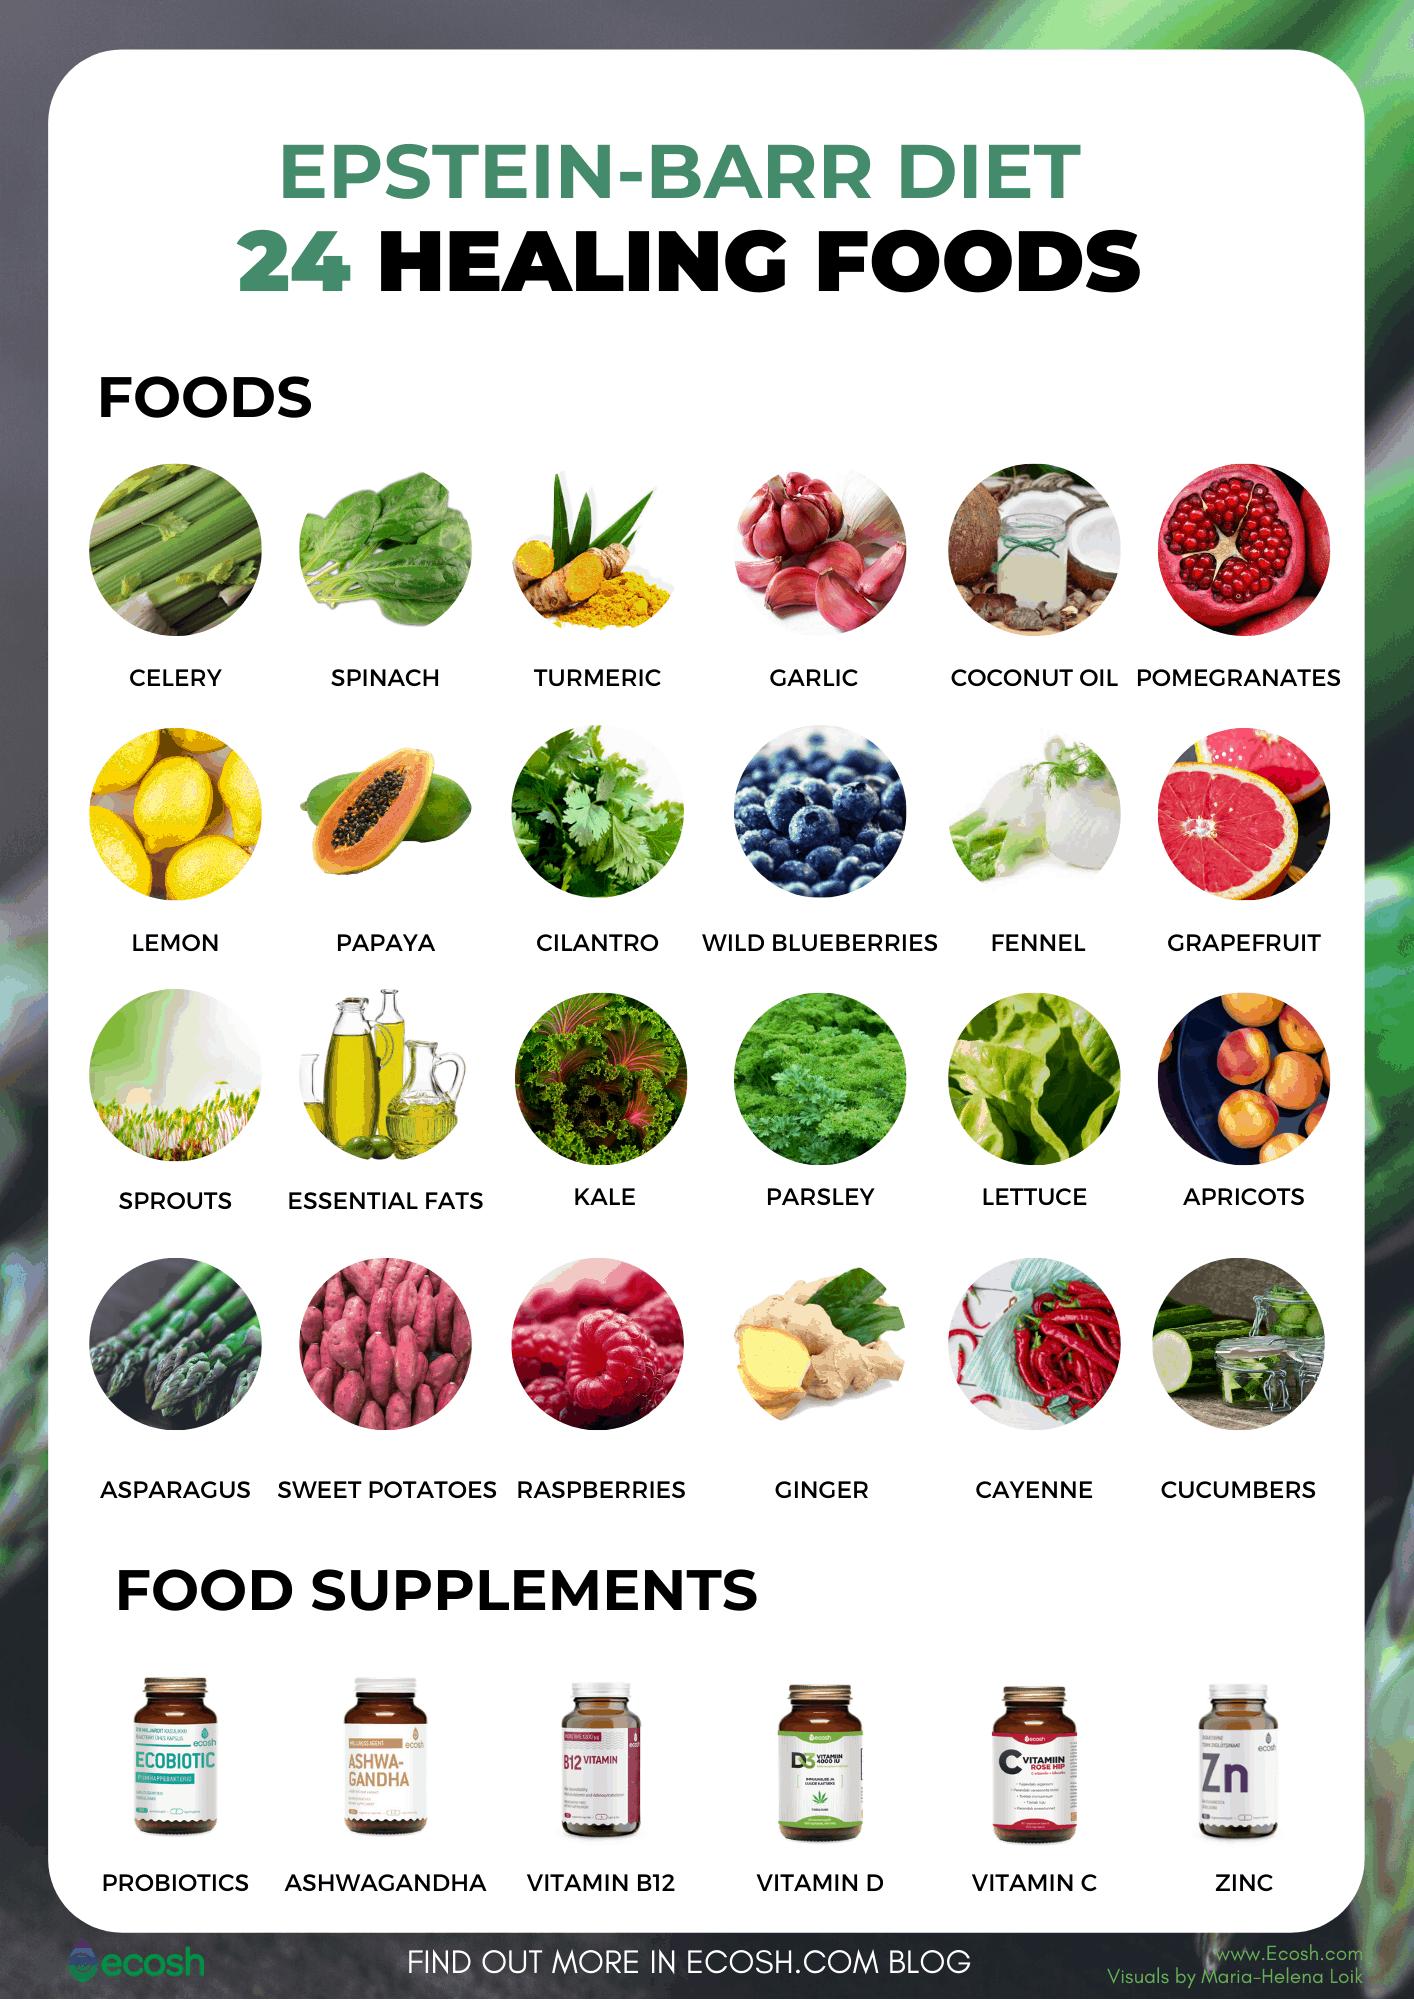 Ecosh_Epstein-Barr_Diet-24_Healing_Foods_to_Treat_Epstein-Barr_Epstein-Barr_Natural_Treatment